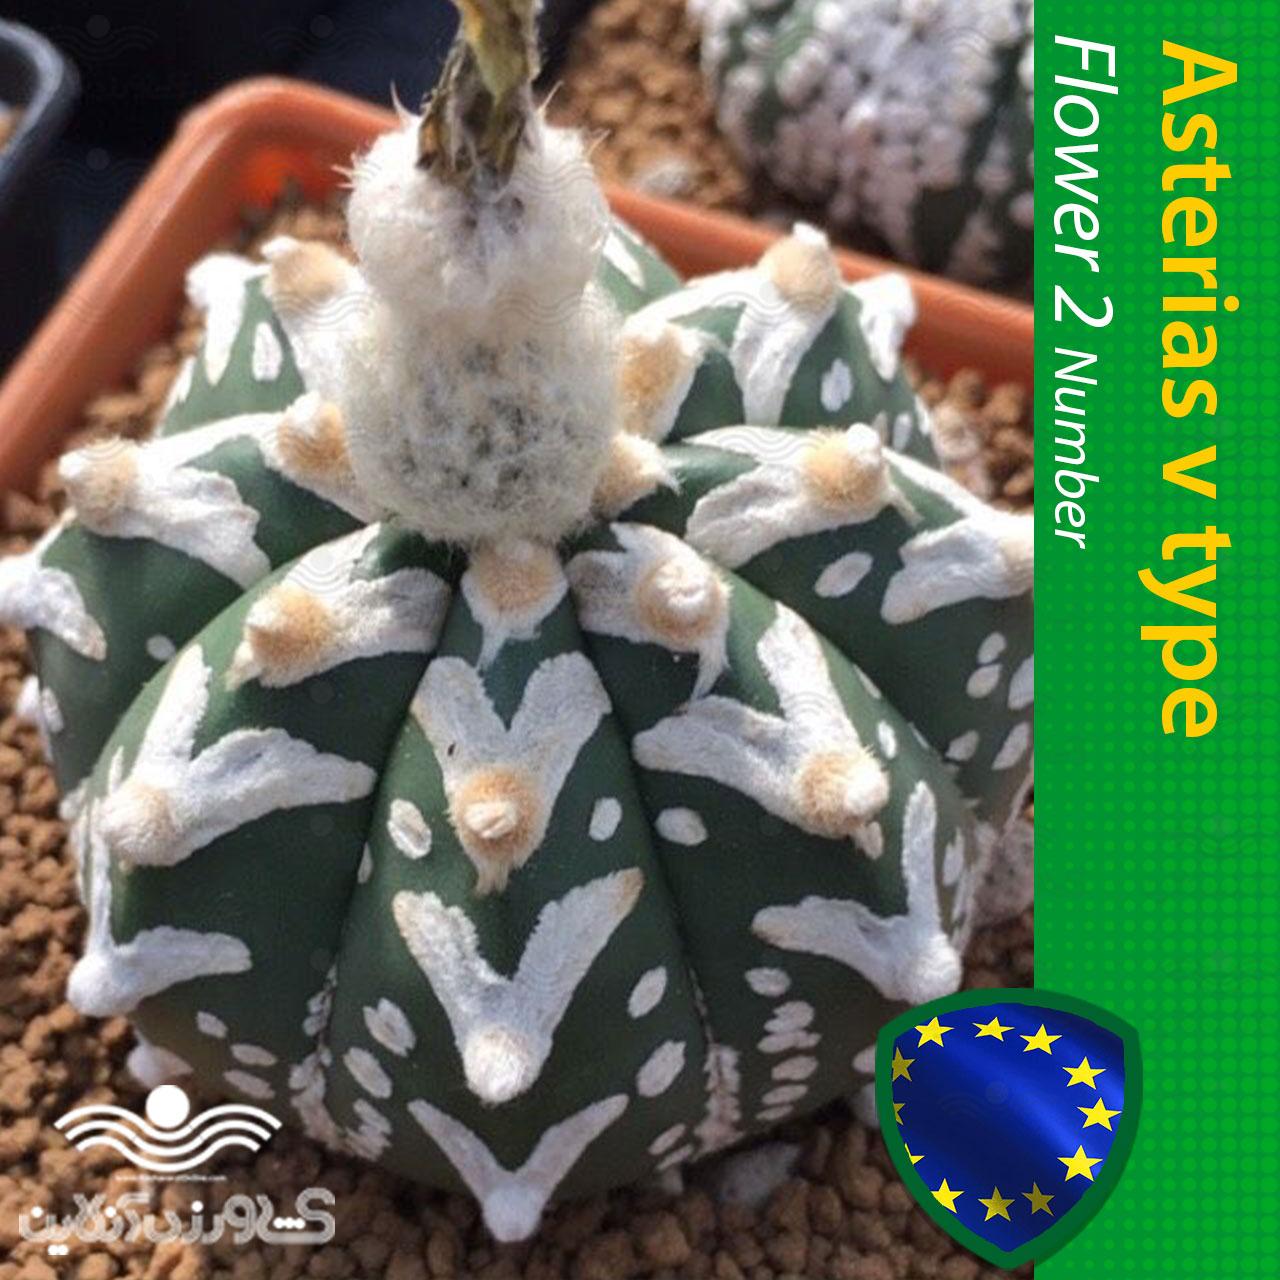 بذر کاکتوس آستریاس ویتایپ ندوم